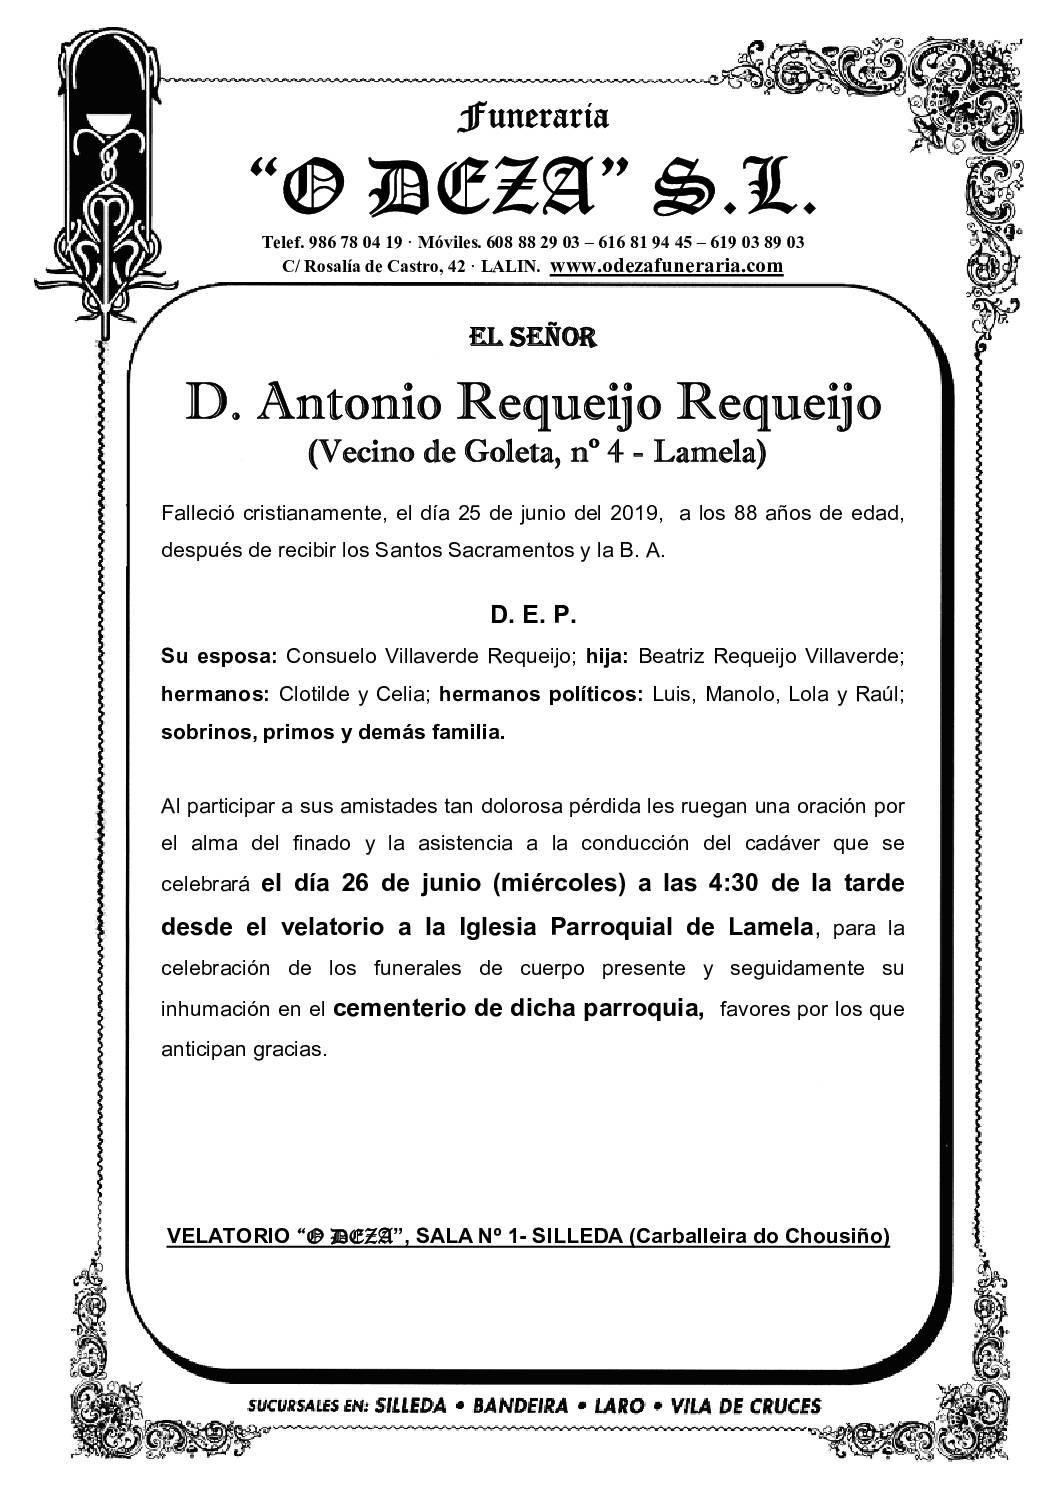 D. ANTONIO REQUEIJO REQUEIJO